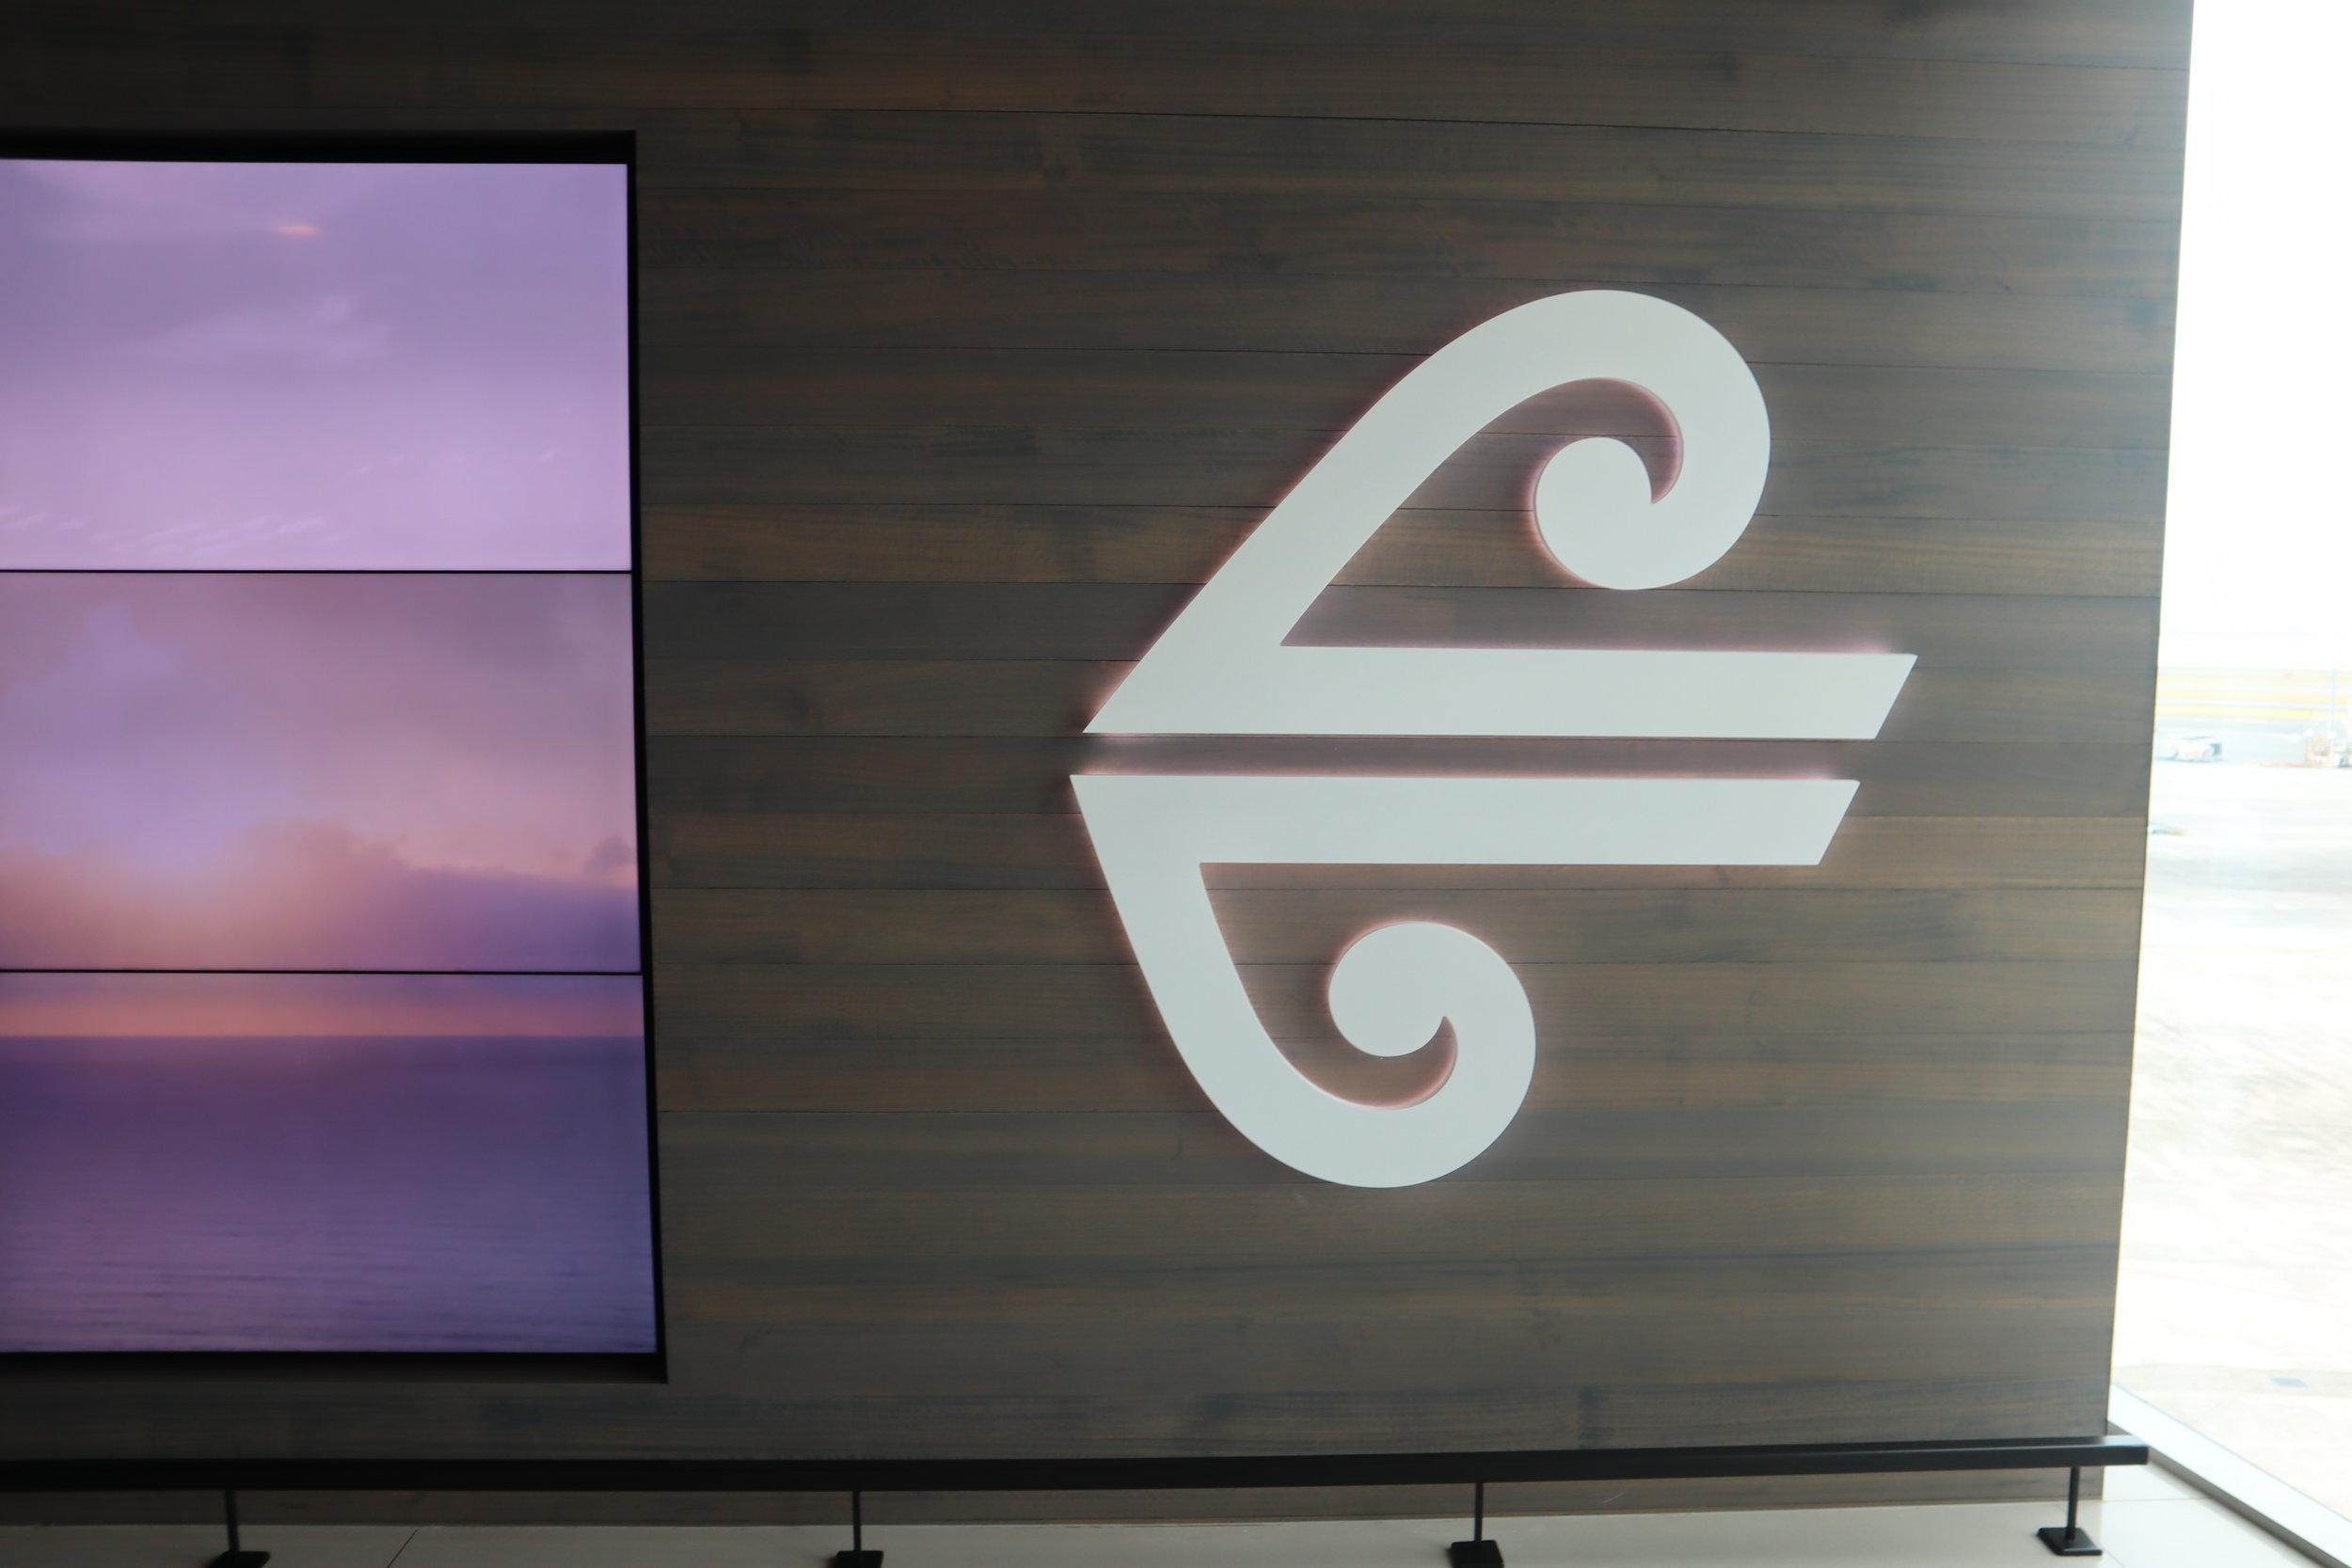 Air New Zealand Lounge Auckland – Koru symbol